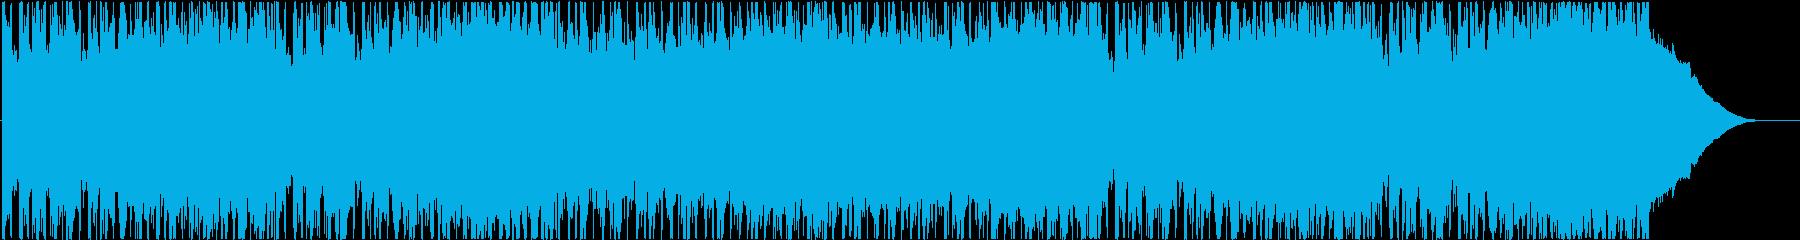 ポジティブ、ハードロック、グラムロックの再生済みの波形